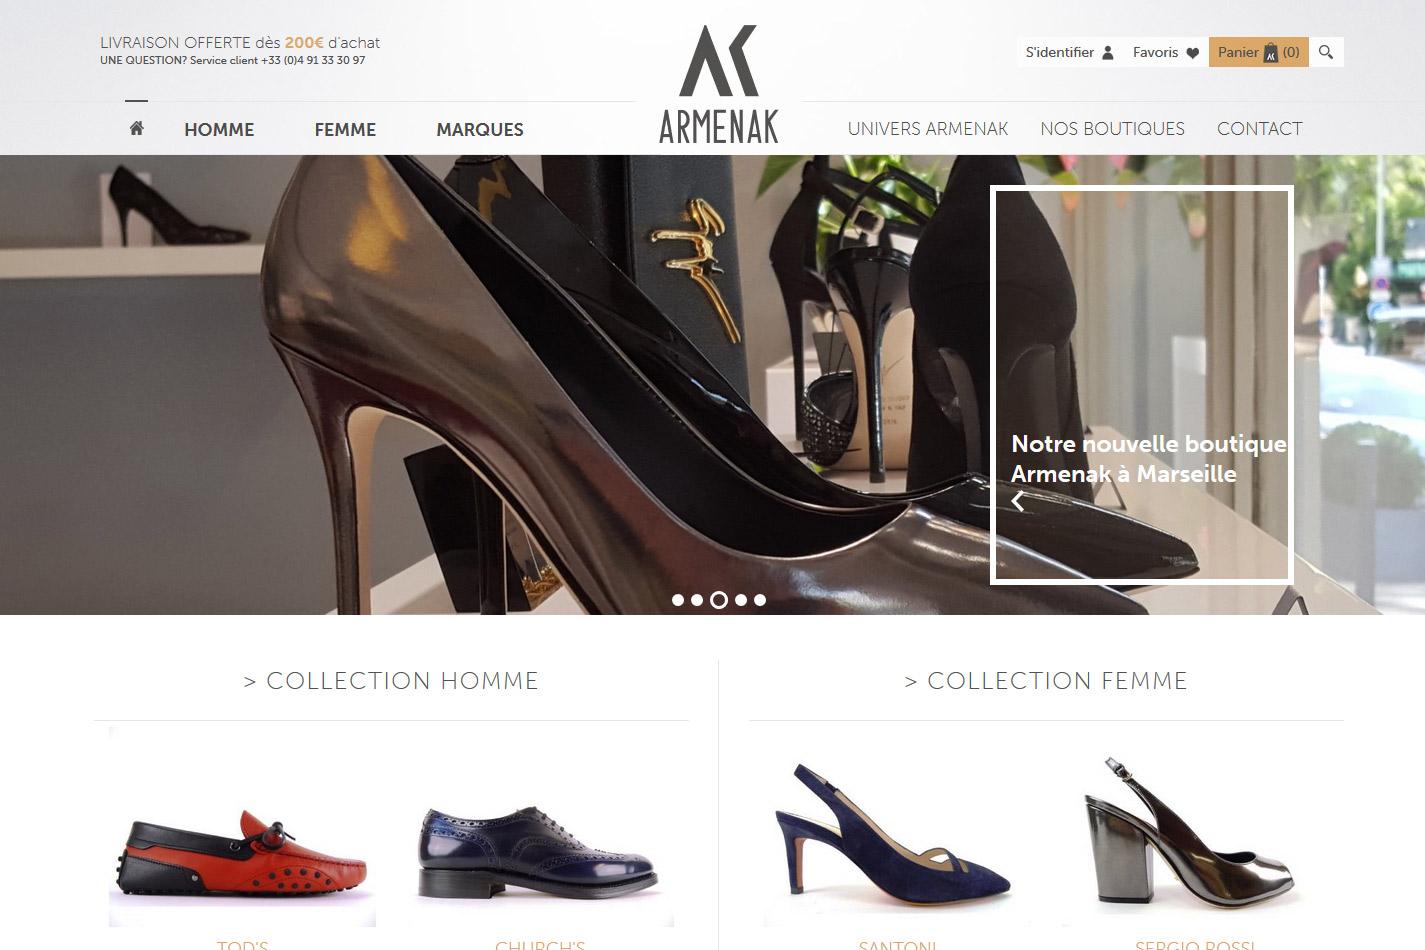 54d3d172c Vente en ligne de chaussures homme et femme - Armenak - Jalis